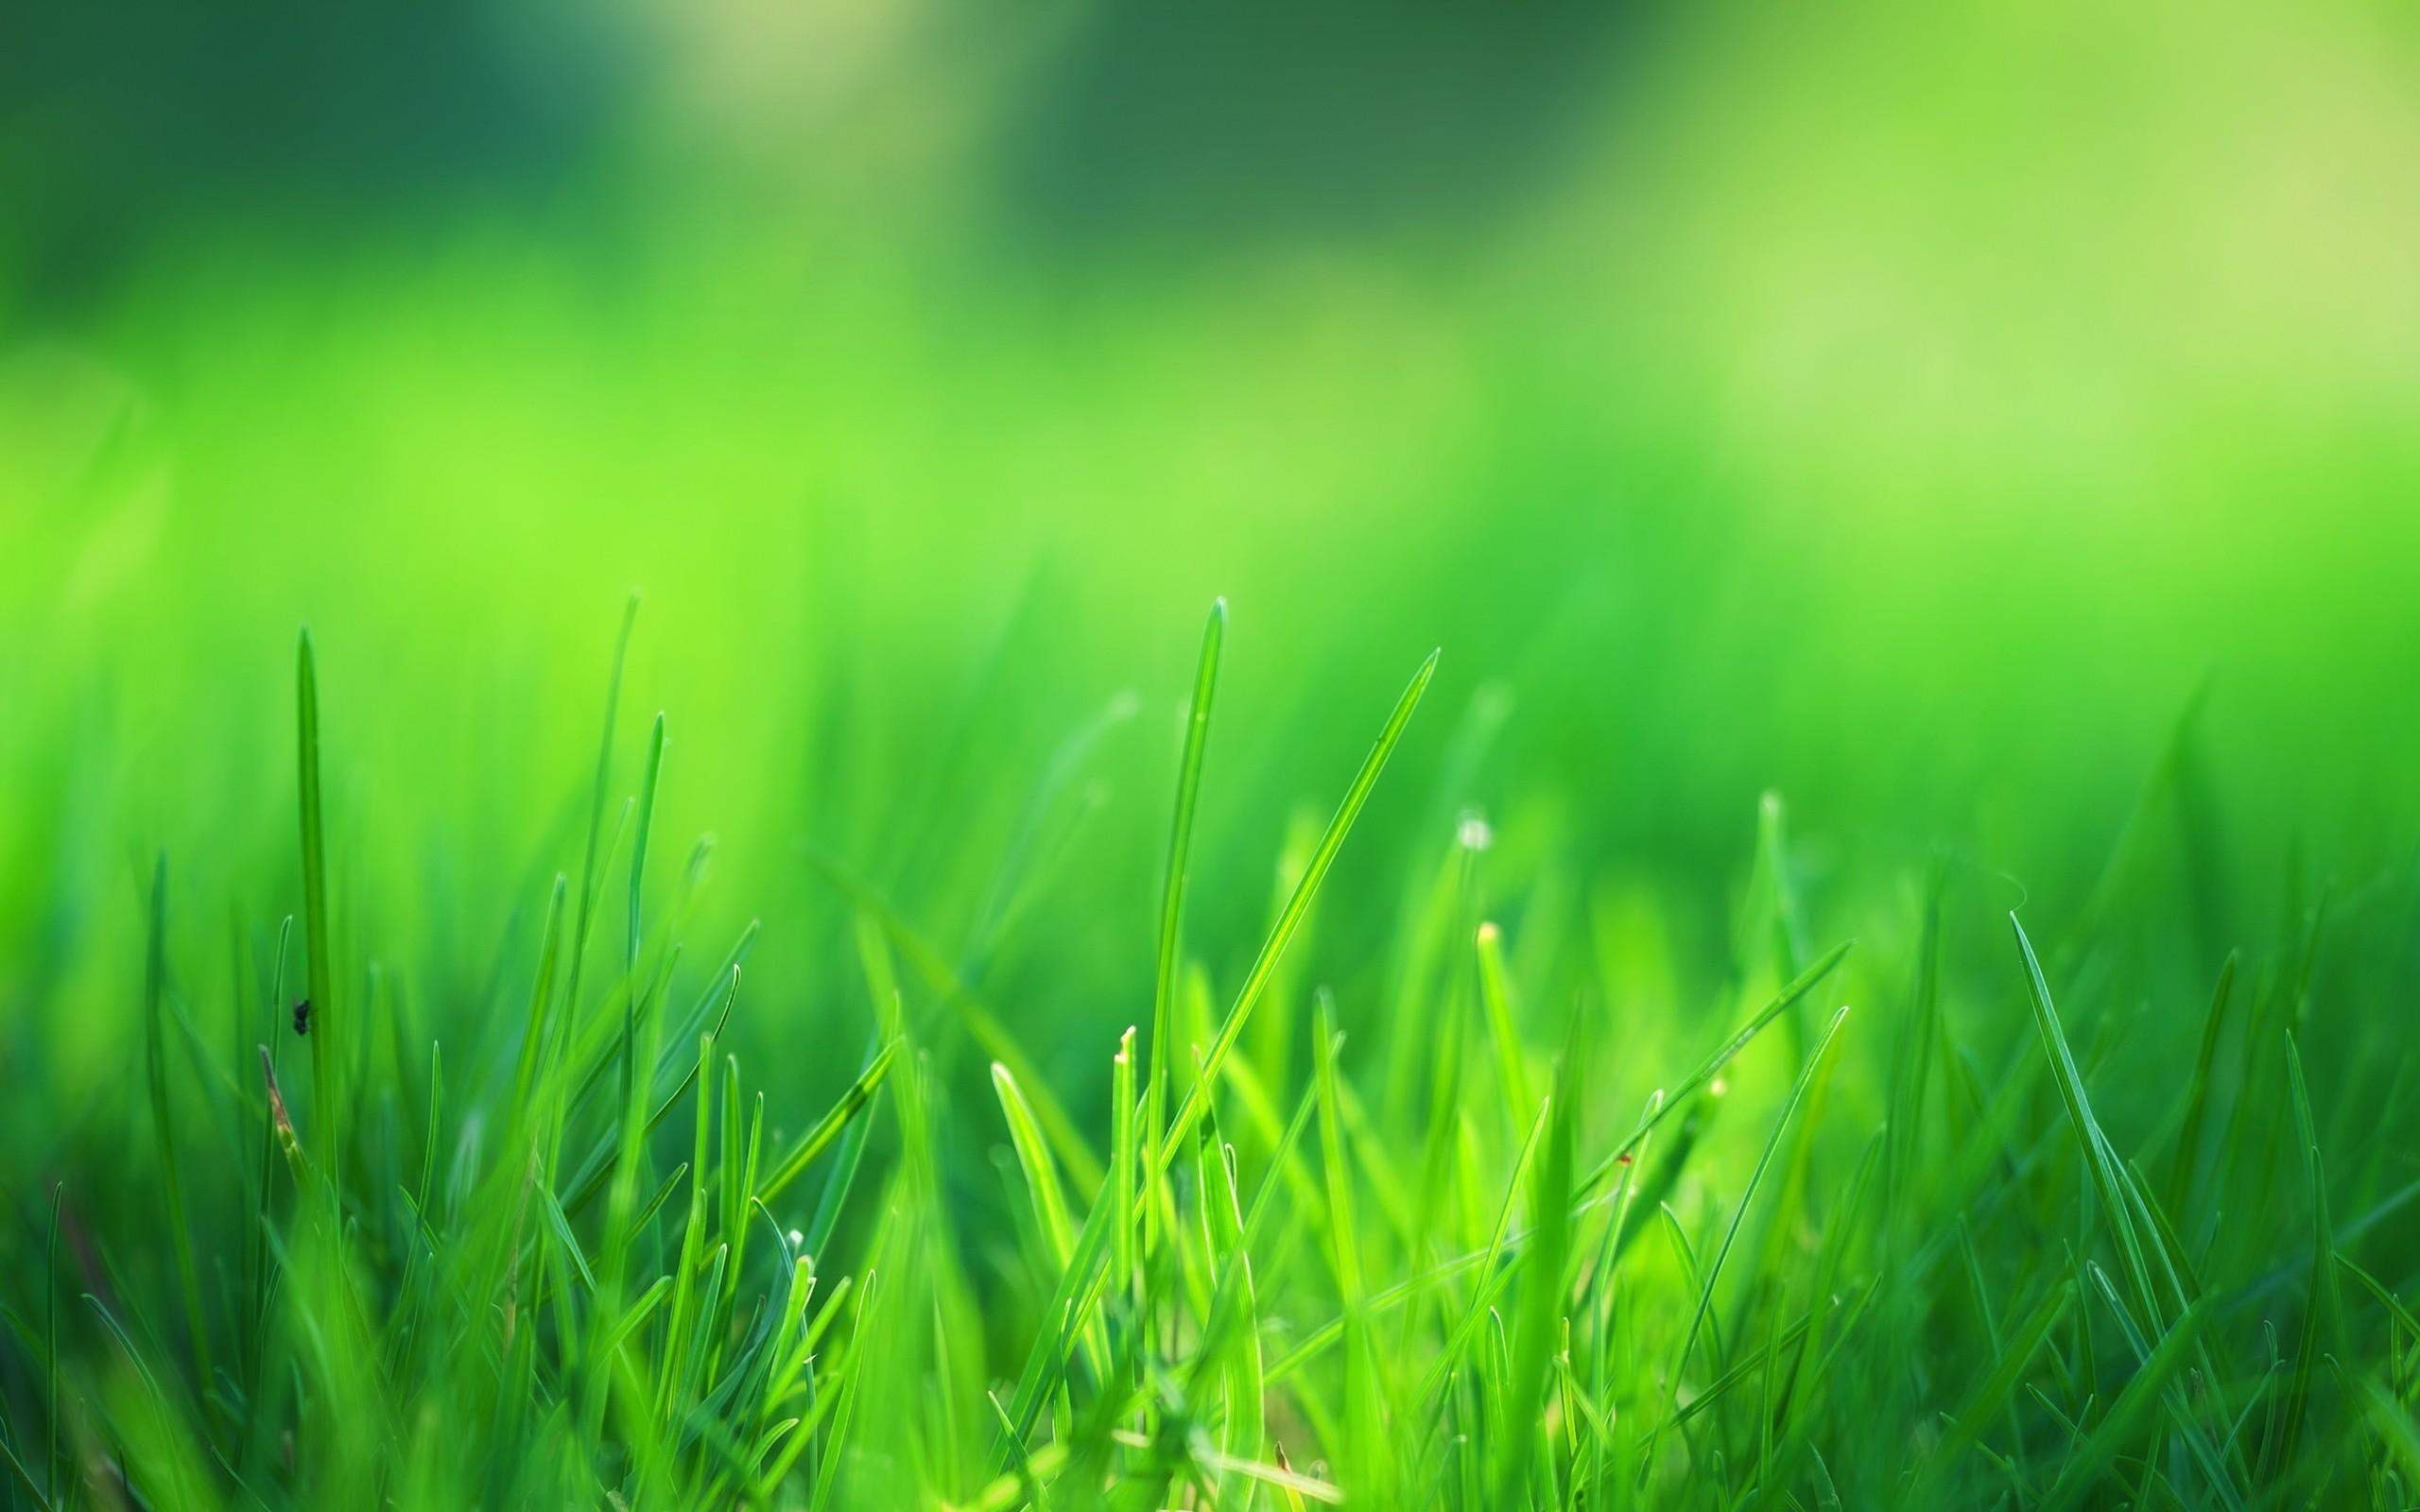 Great Wallpaper High Resolution Green - green-grass-field  Best Photo Reference_68148.jpg